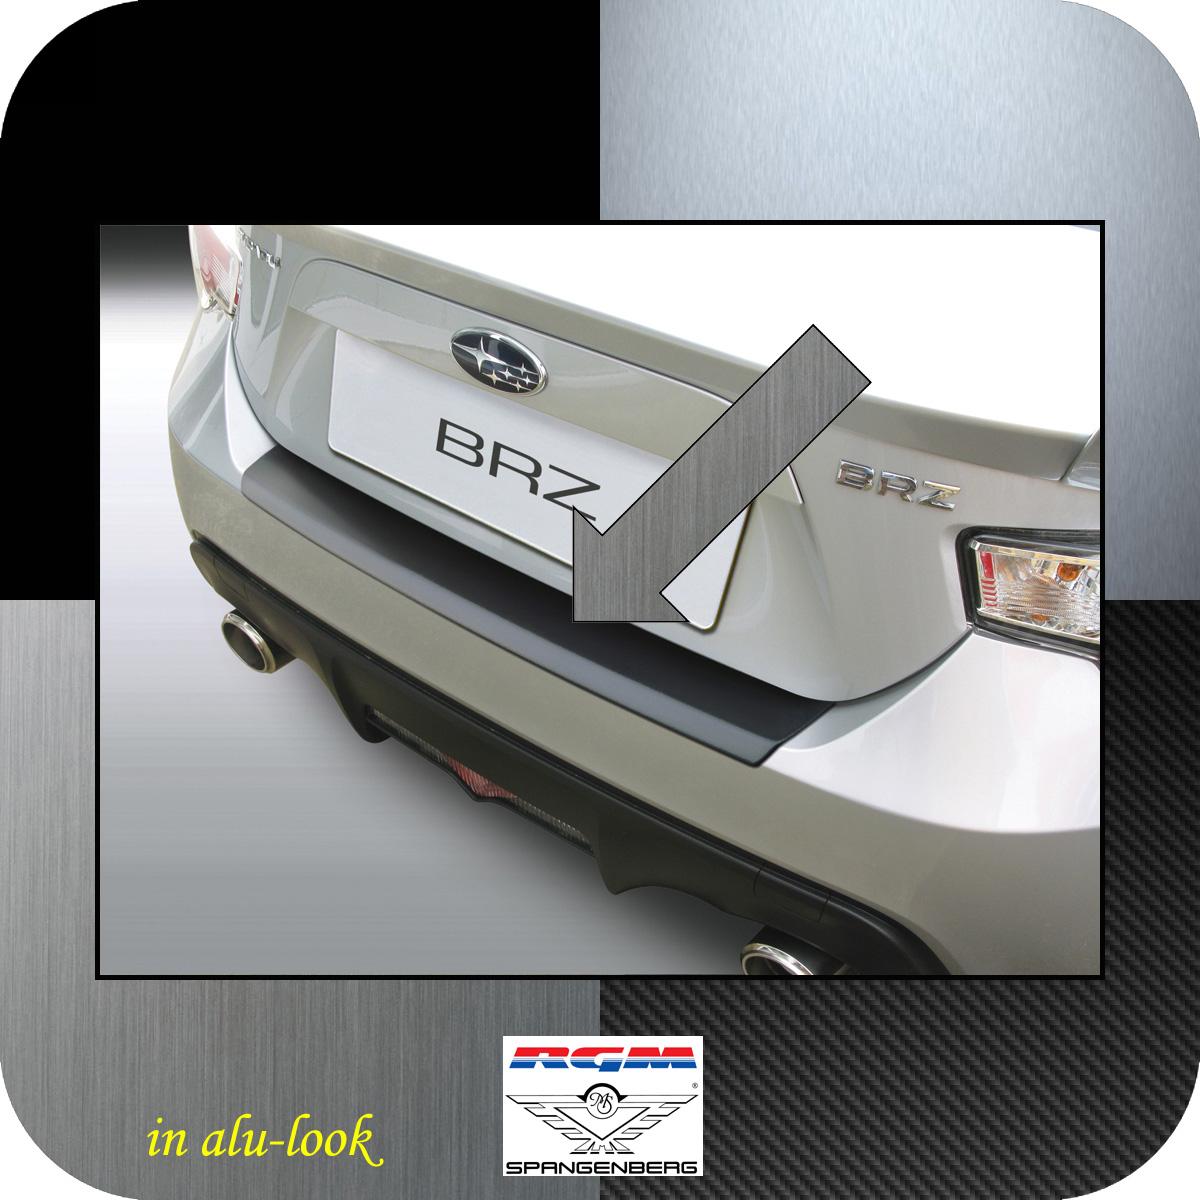 Ladekantenschutz Alu-Look Subaru BRZ Sportwagen Coupe ab Bj 2012- 3504724